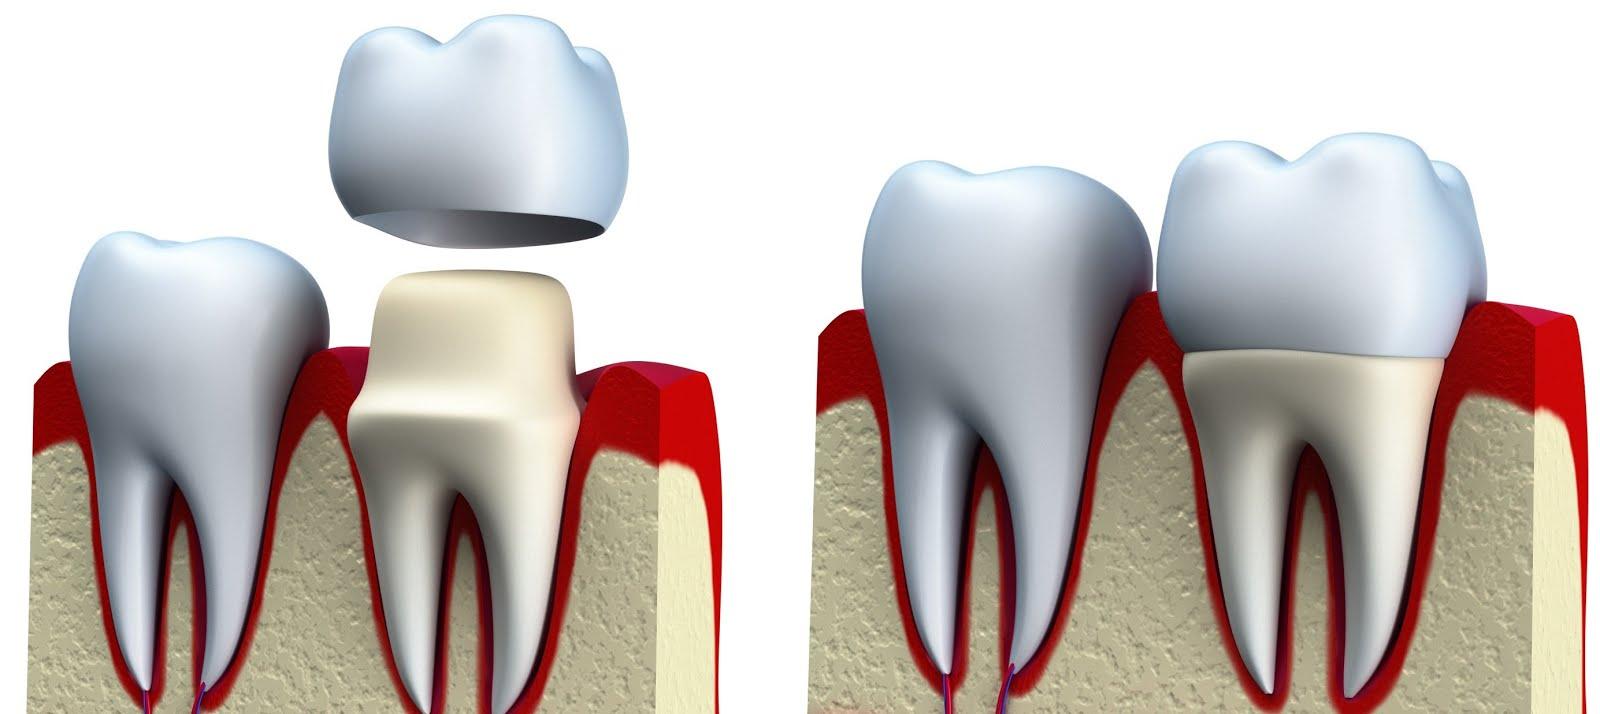 Biaya untuk pemasangan gigi palsu tersebut bervariasi dari yang termurah  hingga yang mahal. Inilah harga pasang gigi palsu permanen dan lepas. 1324cb0ec2